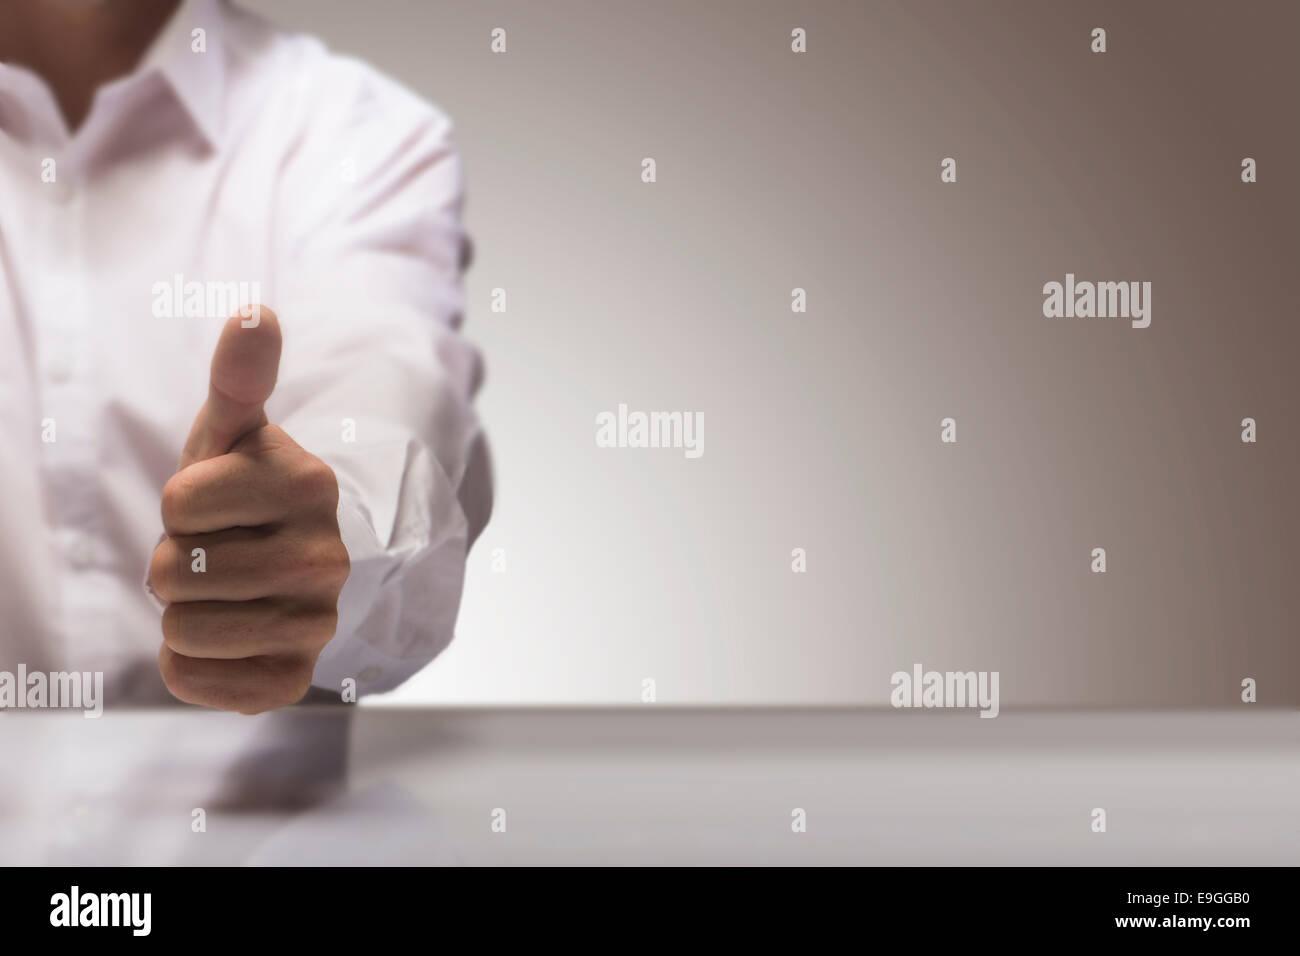 Mann mit einem Daumen oben auf den Hintergrund eines glänzenden Tisch und Kopie Raum auf dem rechten, Konzept Stockbild